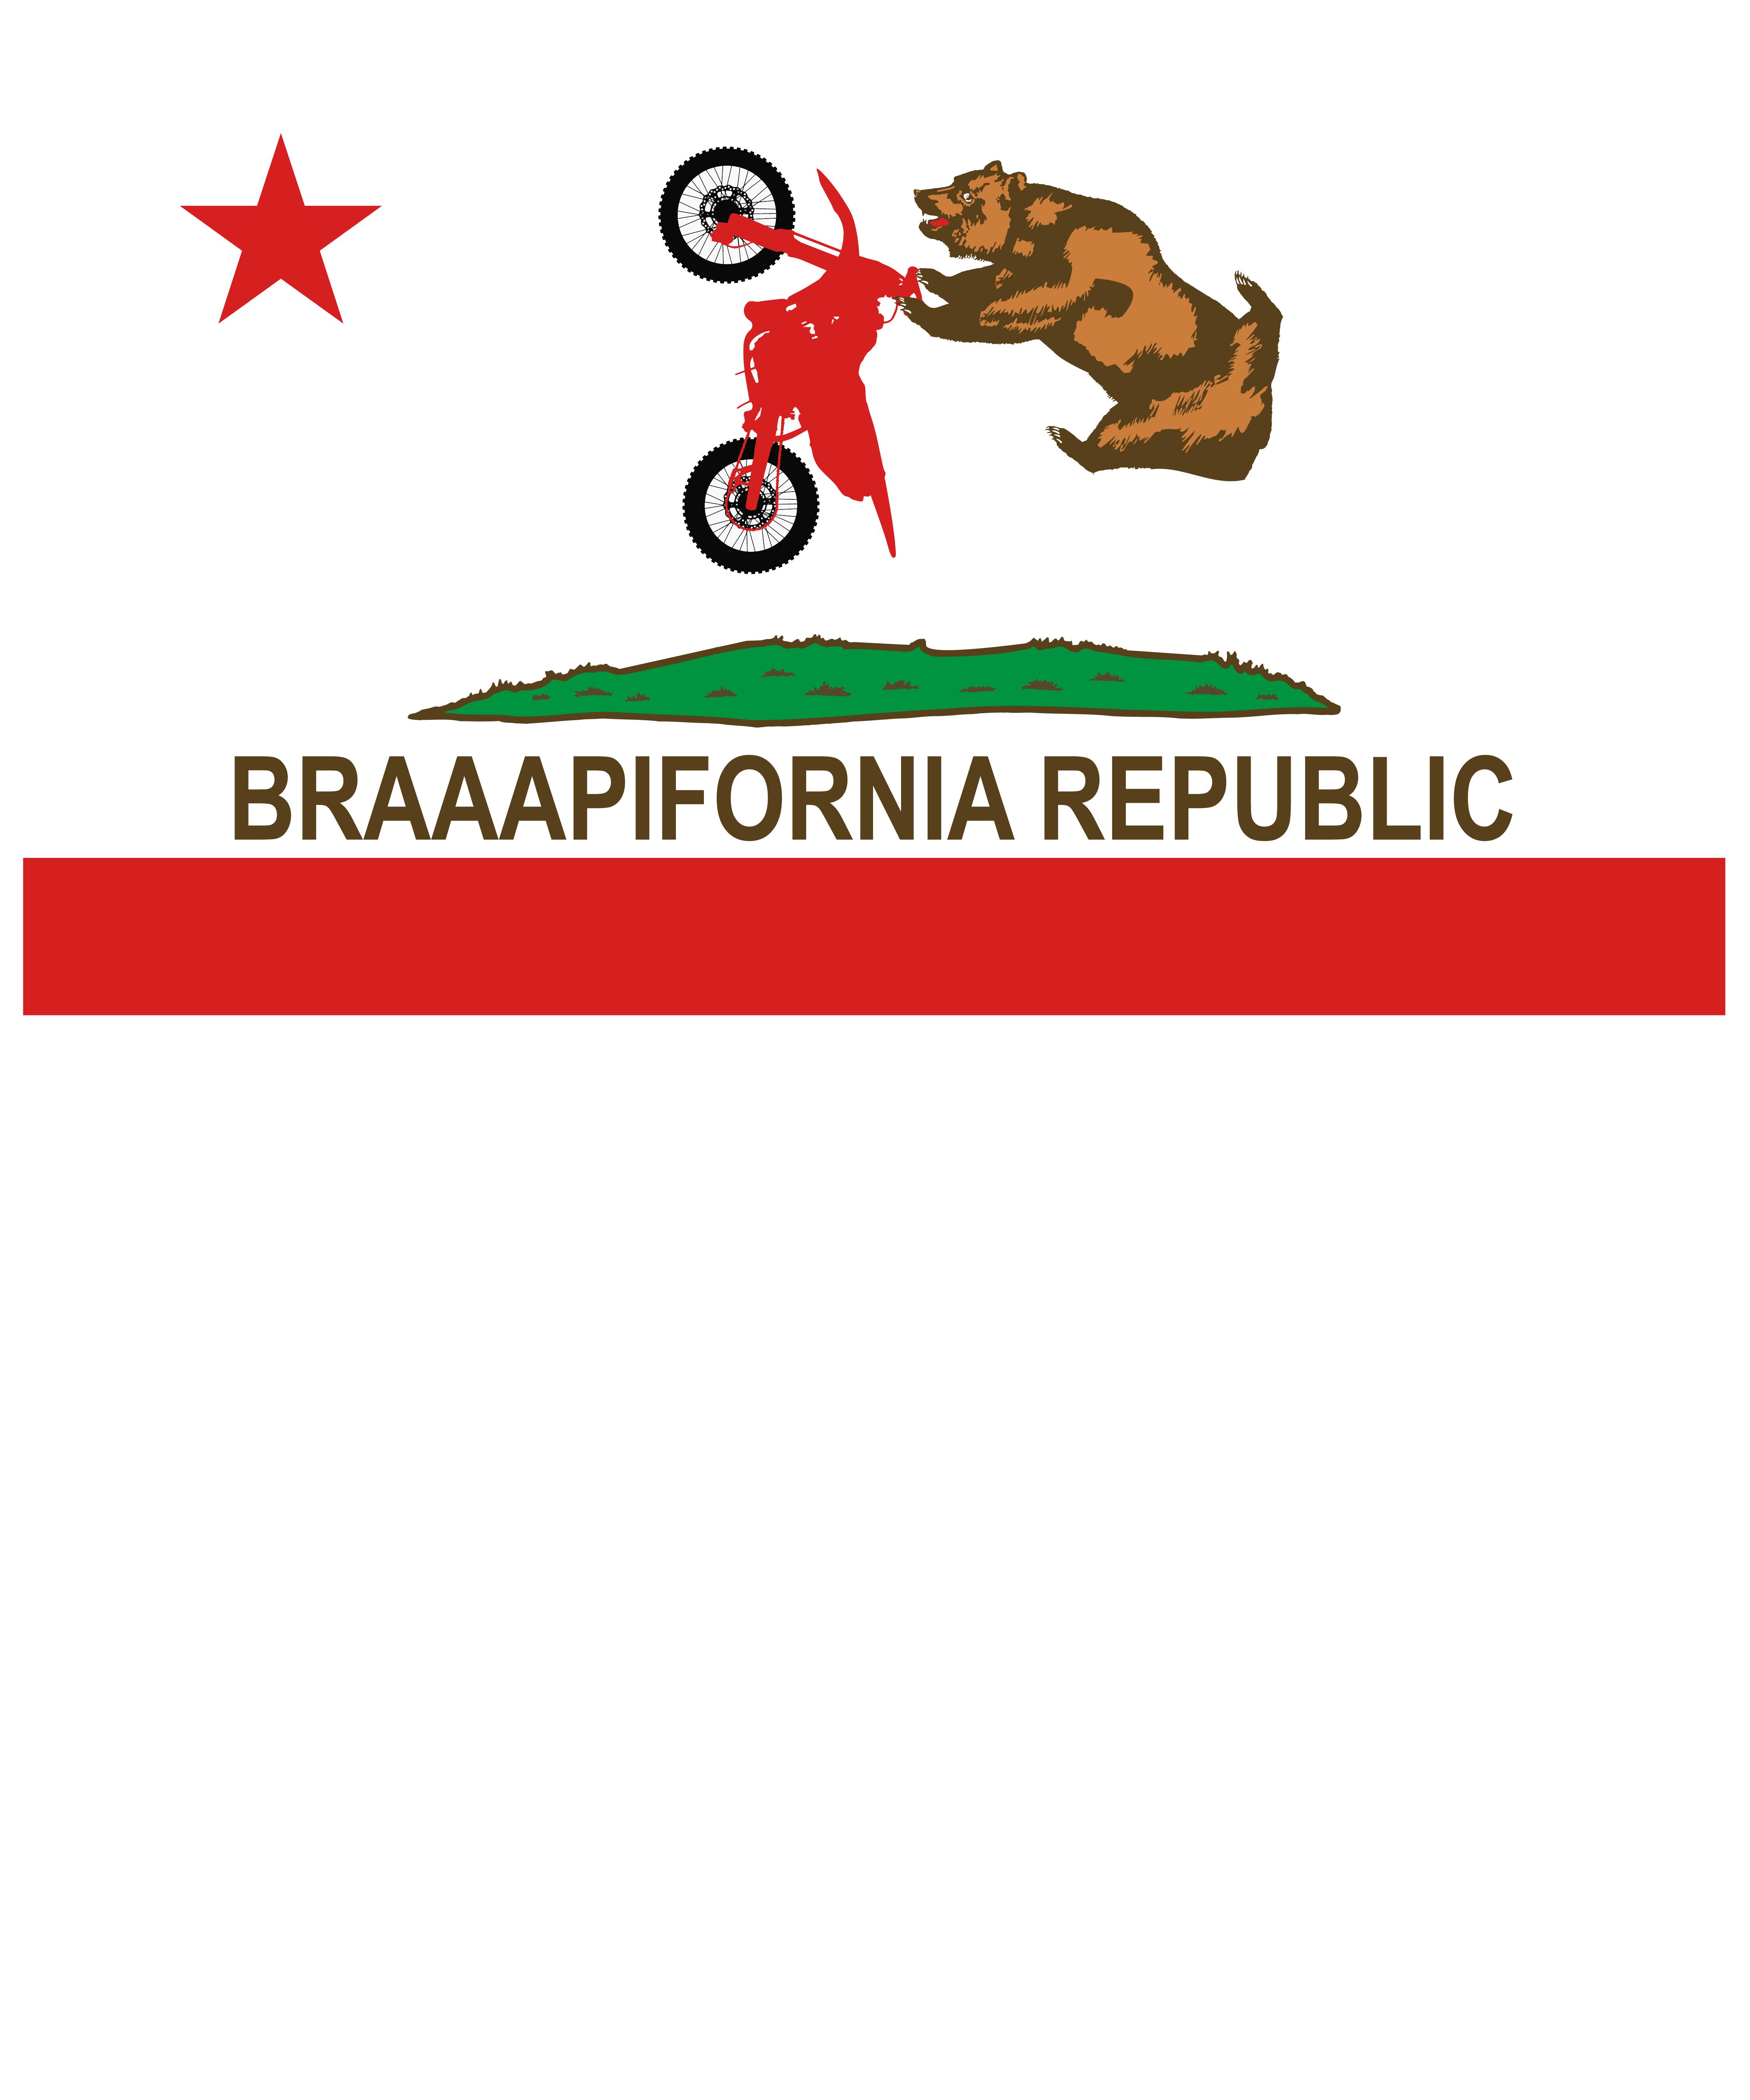 BRAAAPIFORNIA REPUBLIC